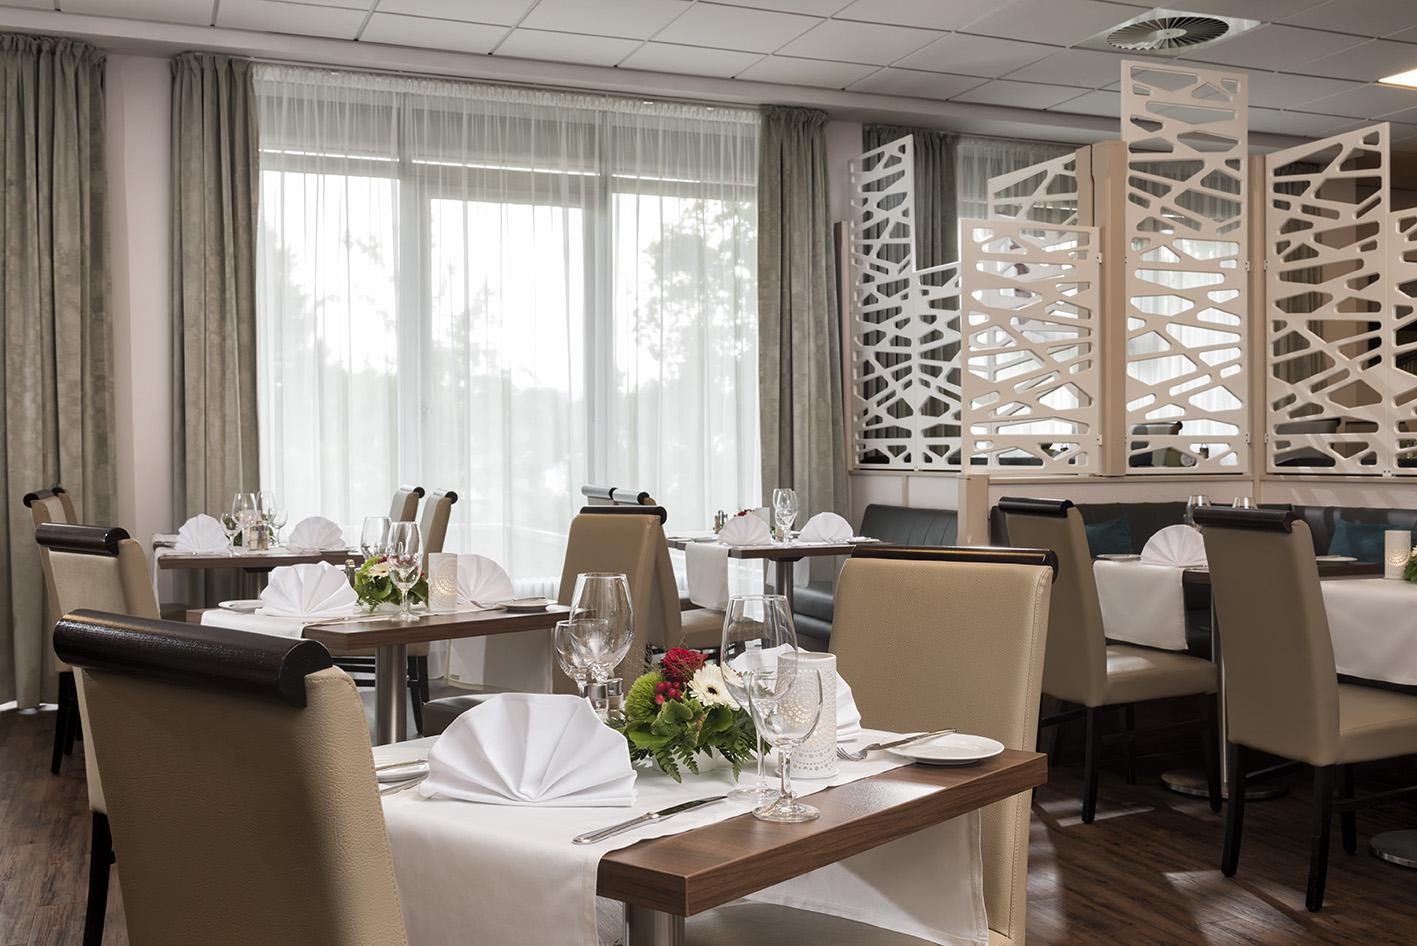 Restaurants In Kassel Wyndham Garden Kassel Hotel